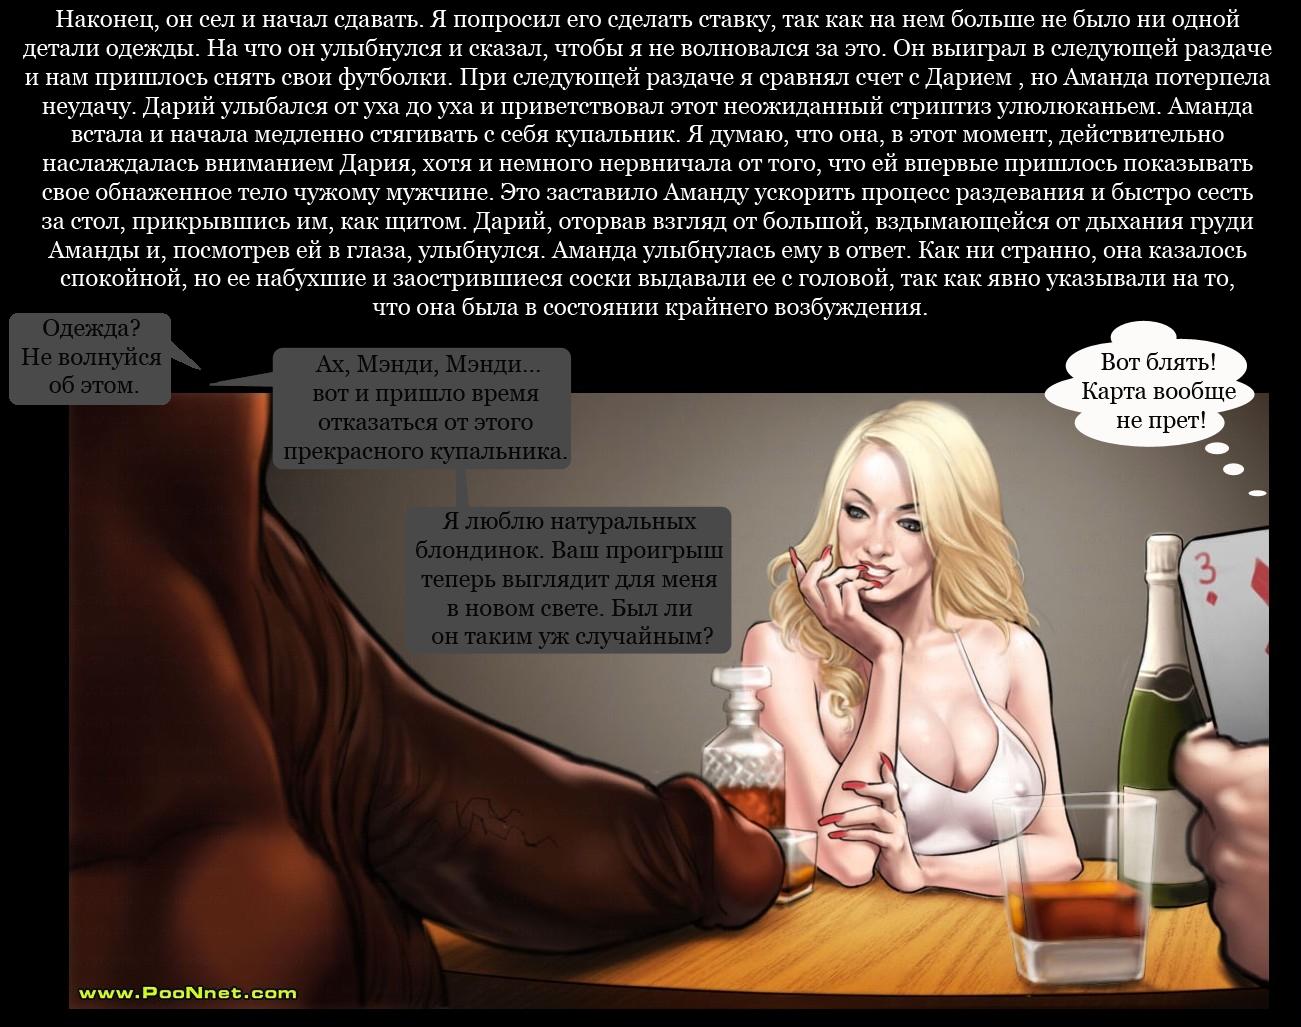 Порно комиксы огромная коллекция 20142018 года на русском